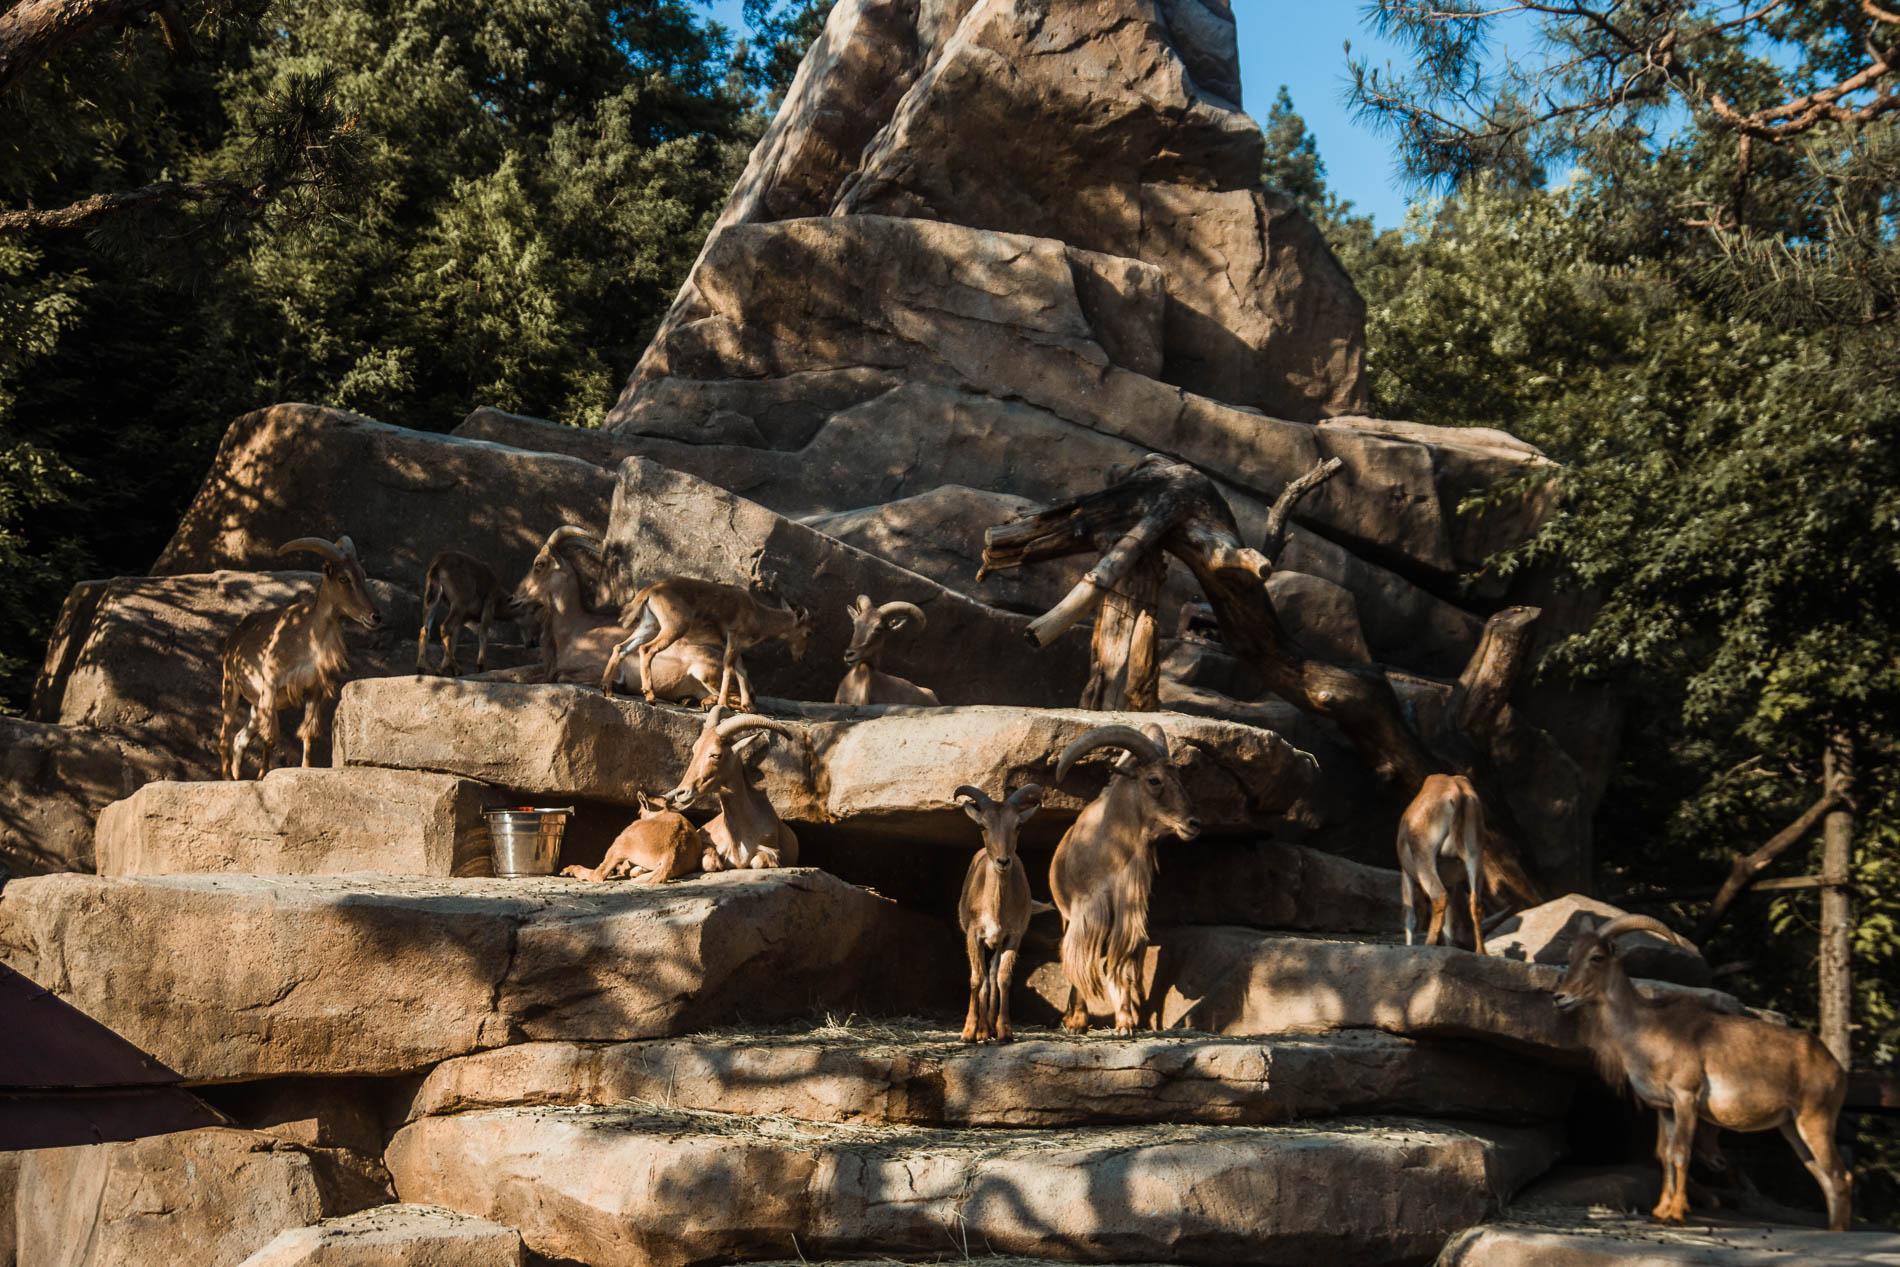 Safari world in Everland, Seoul